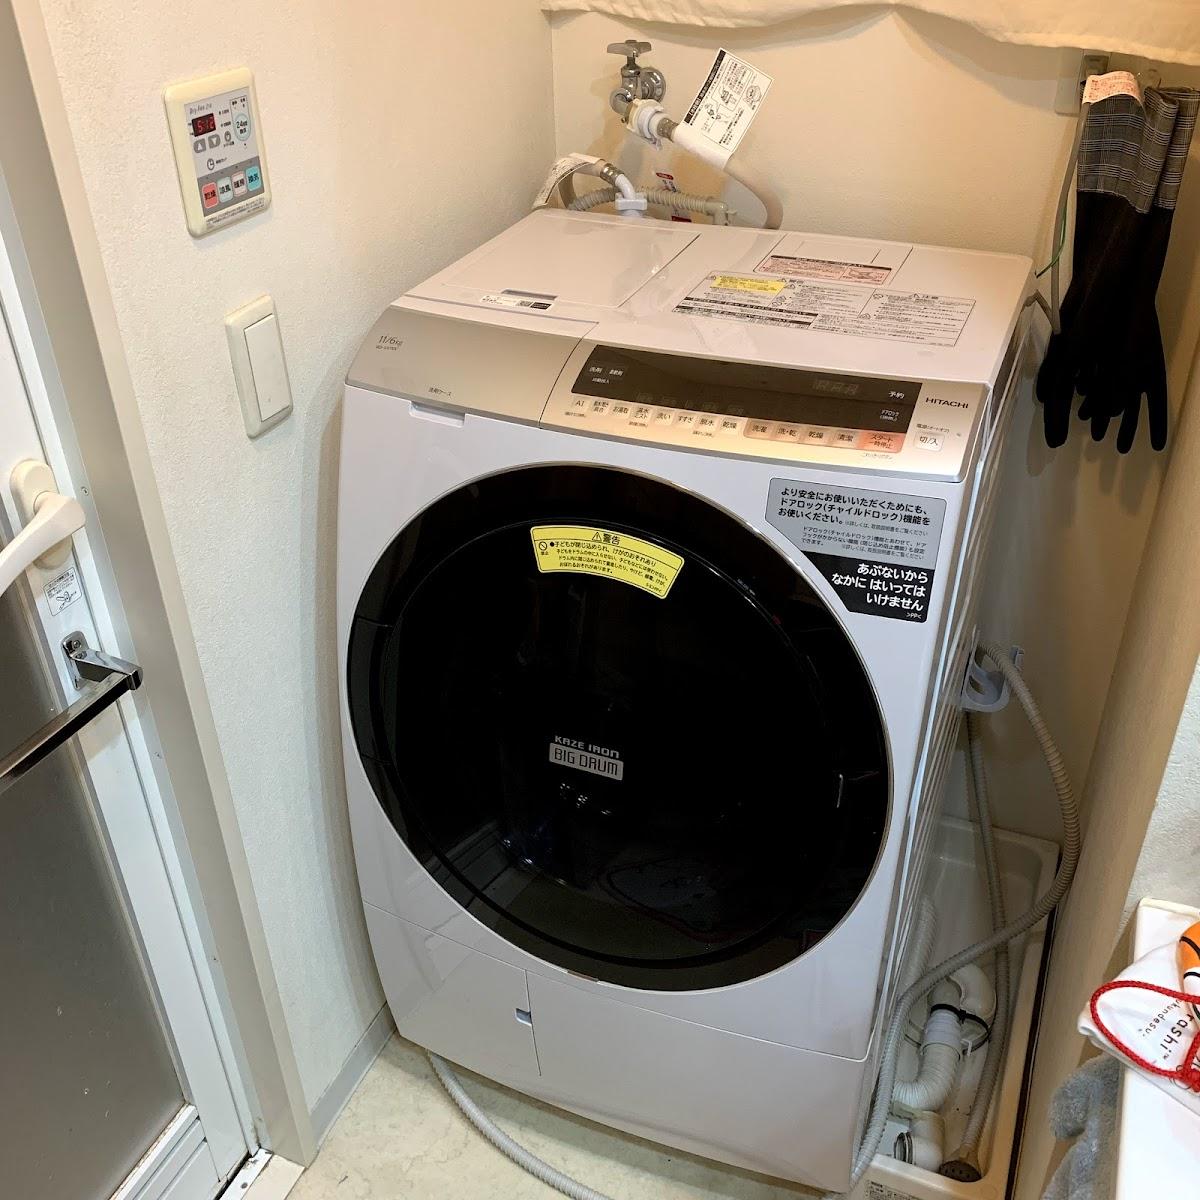 機 日立 エラー c02 洗濯 日立洗濯機お約束?の「C2エラー」修理が思った以上に大掛かりになった件について